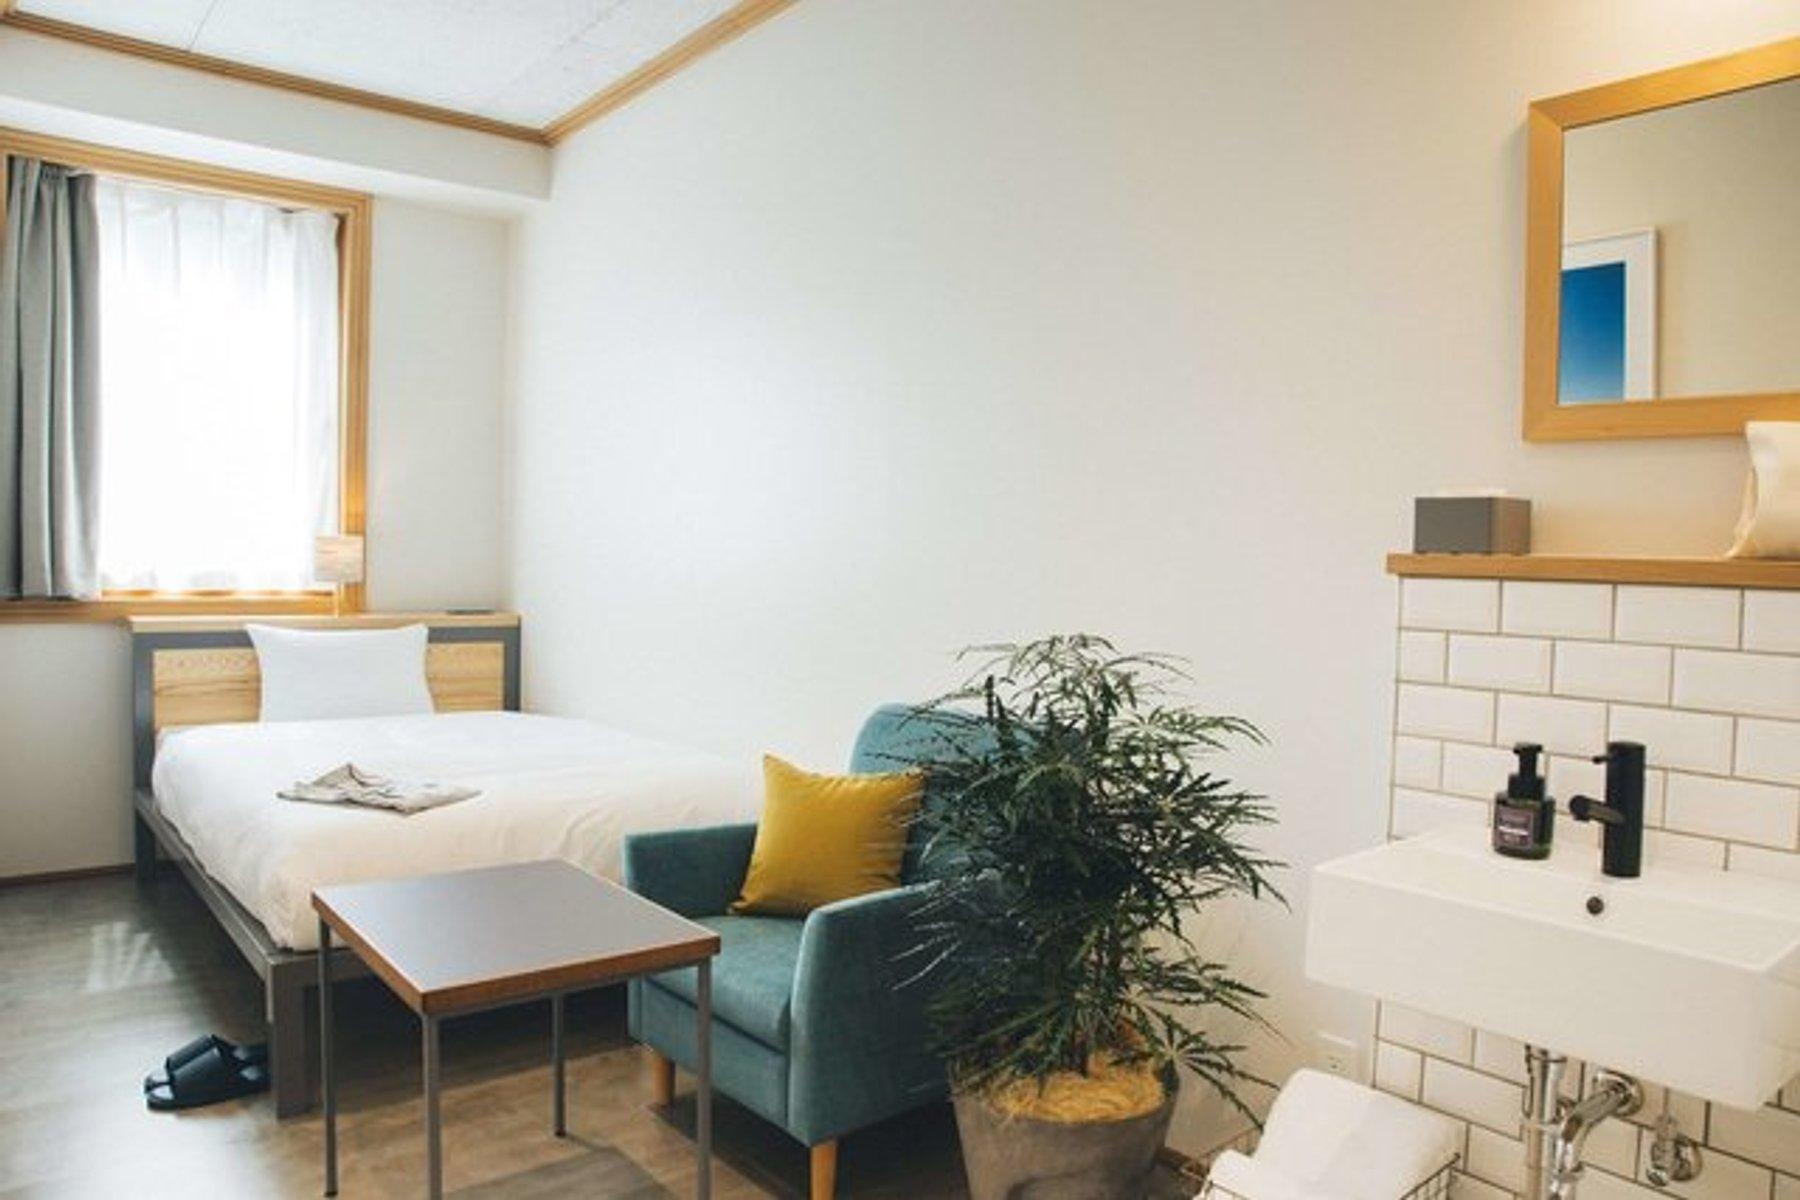 Hotel Noumは内装がとにかくおしゃれ!素敵なインテリアに囲まれて過ごしたい、という方におすすめです。